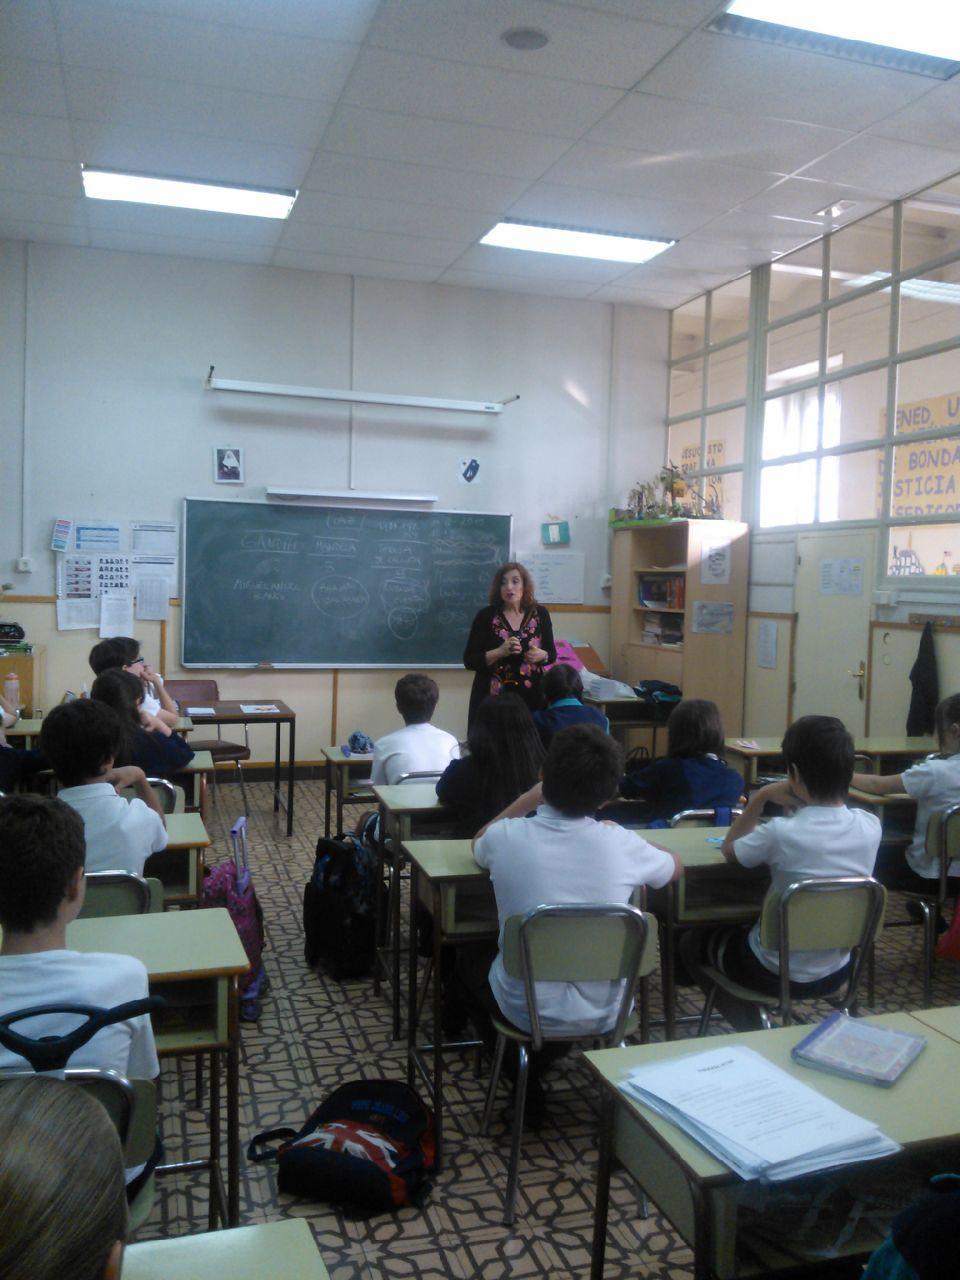 Alumnos del colegio Santa Isabel Asunción de Madrid conocieron más de cerca a Miguel Ángel Blanco y a todas las víctimas del terrorismo, gracias a la charla que impartió Cristina Cuesta, directora de la FMAB